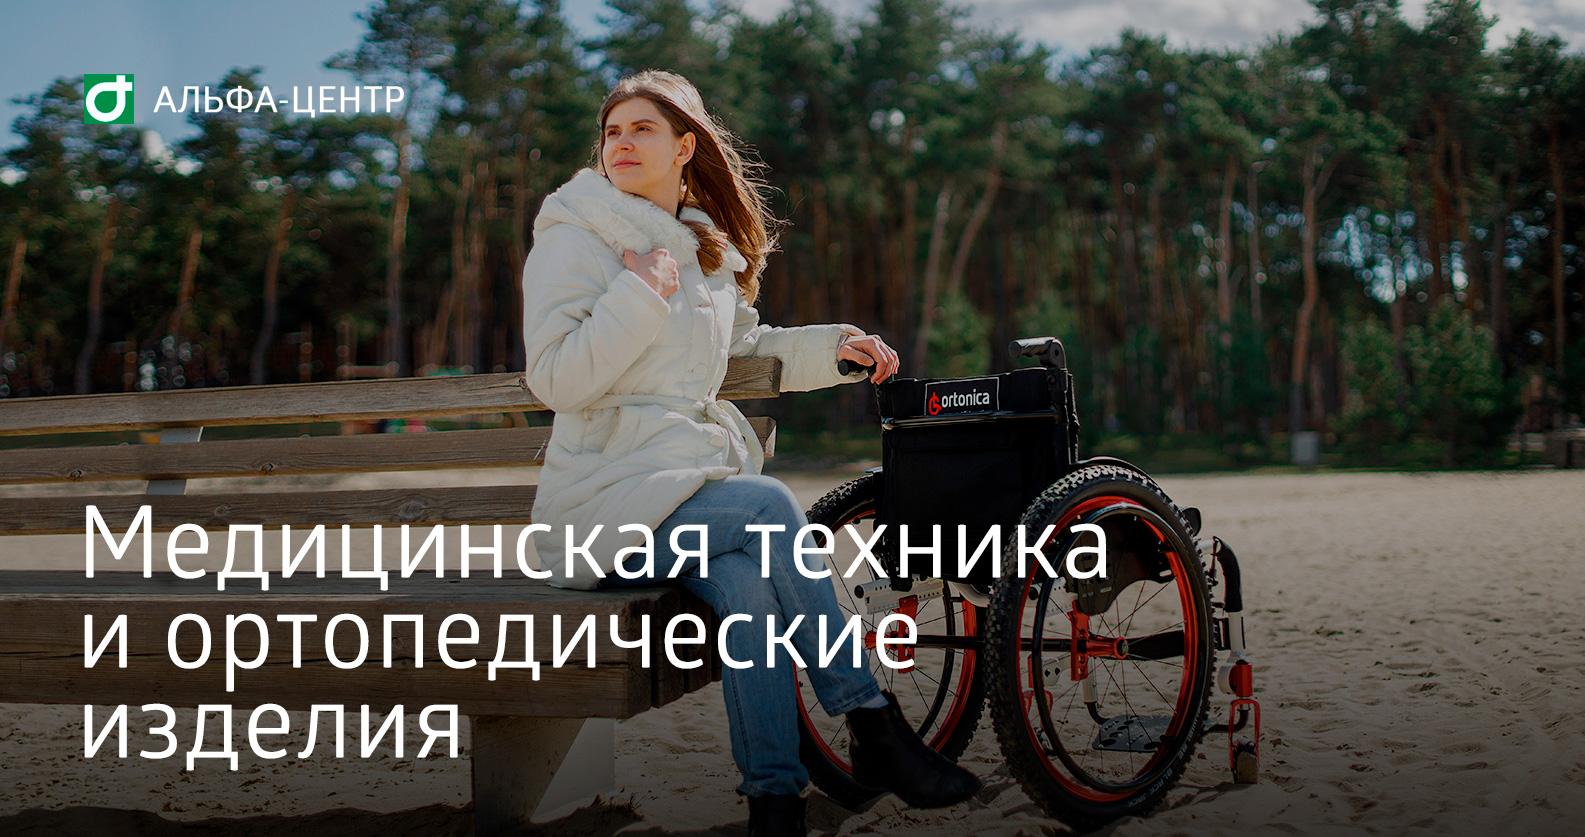 (c) Alfa-centr.ru